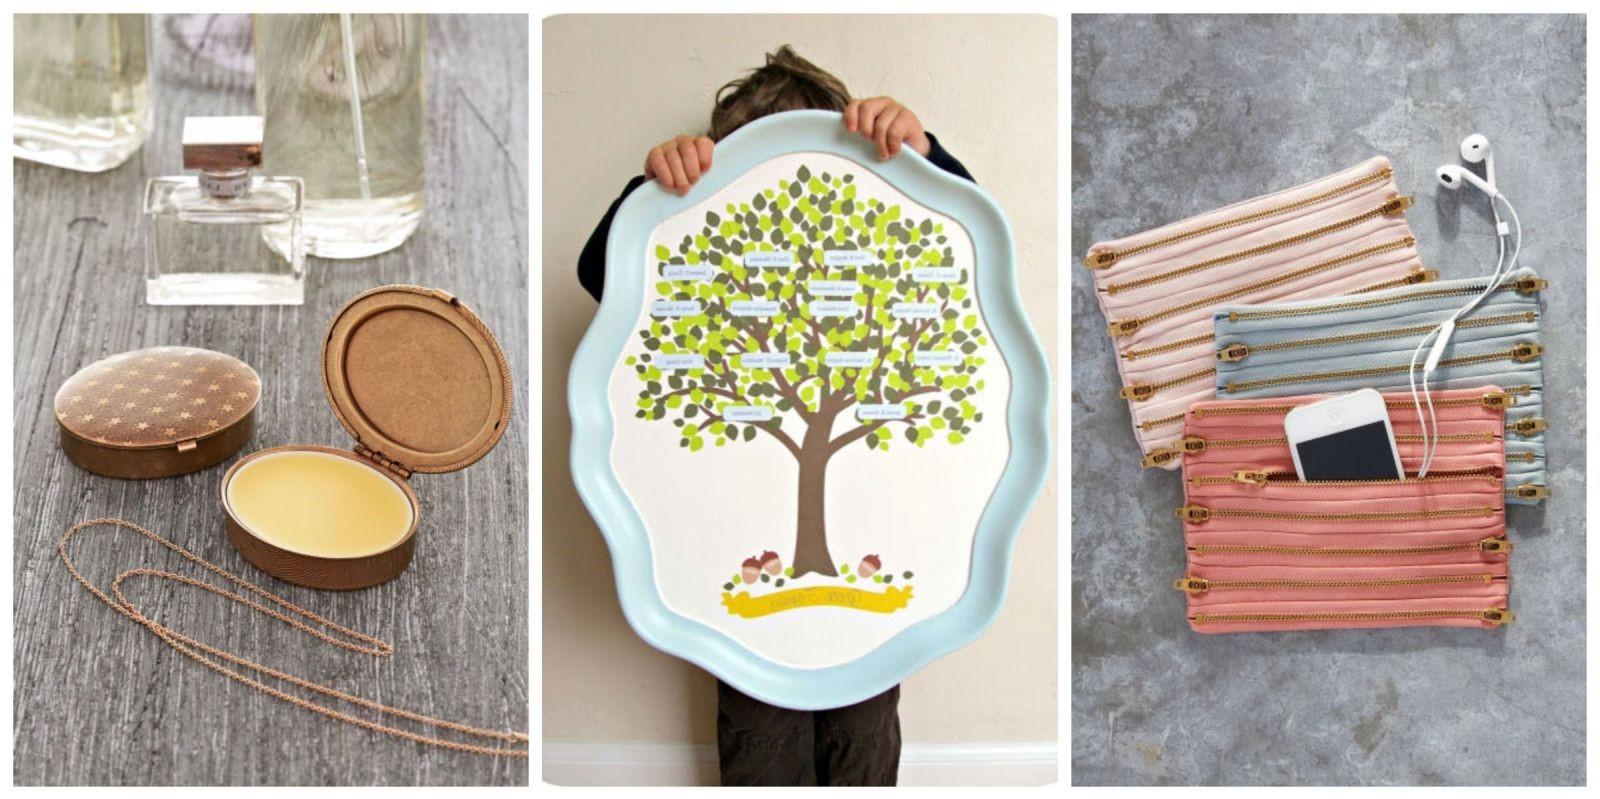 Fête des mères sur Pinterest: cadeaux bricolage bon marché.